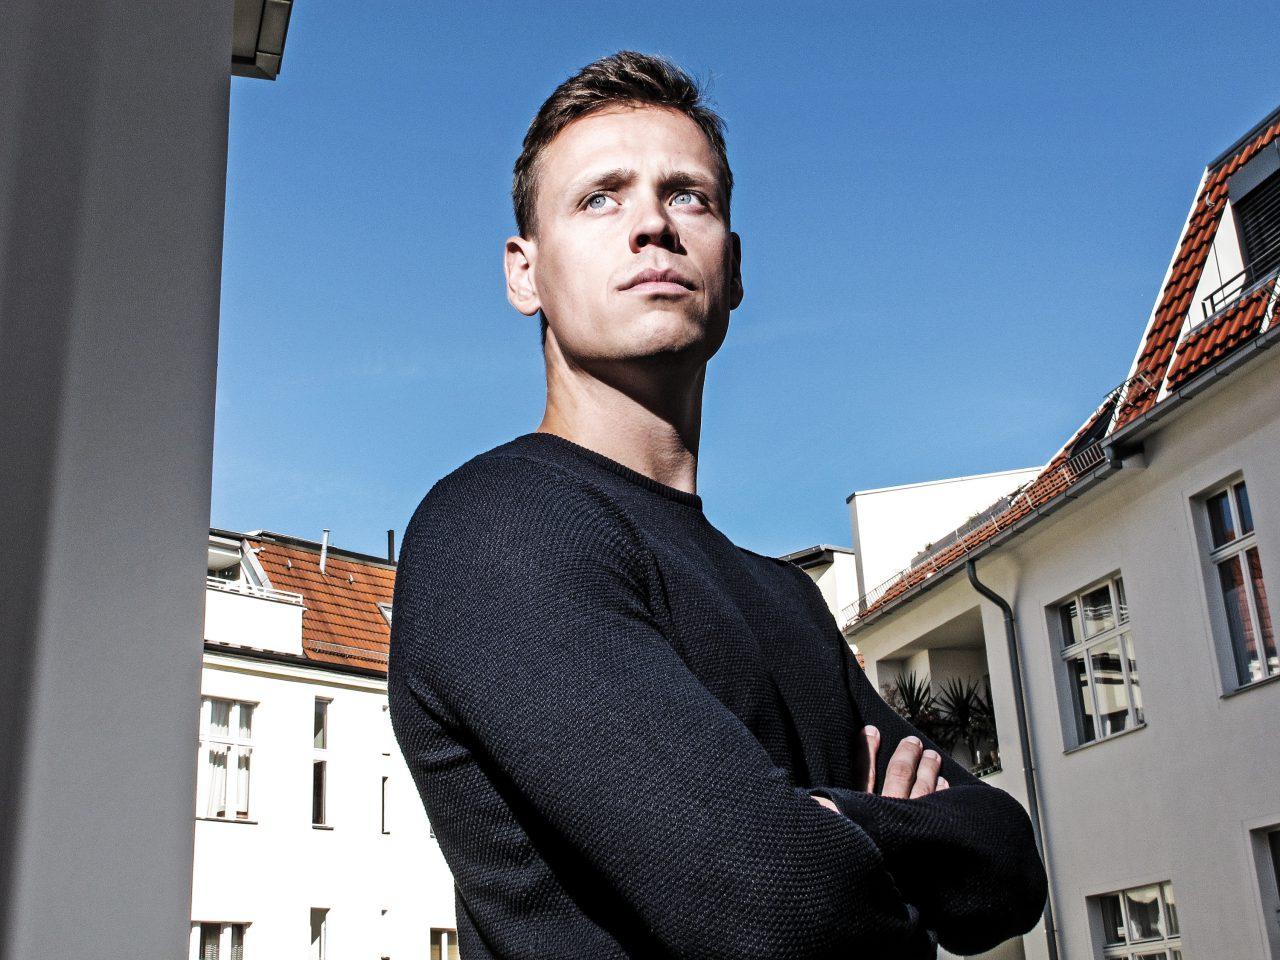 Olaf Kroenke